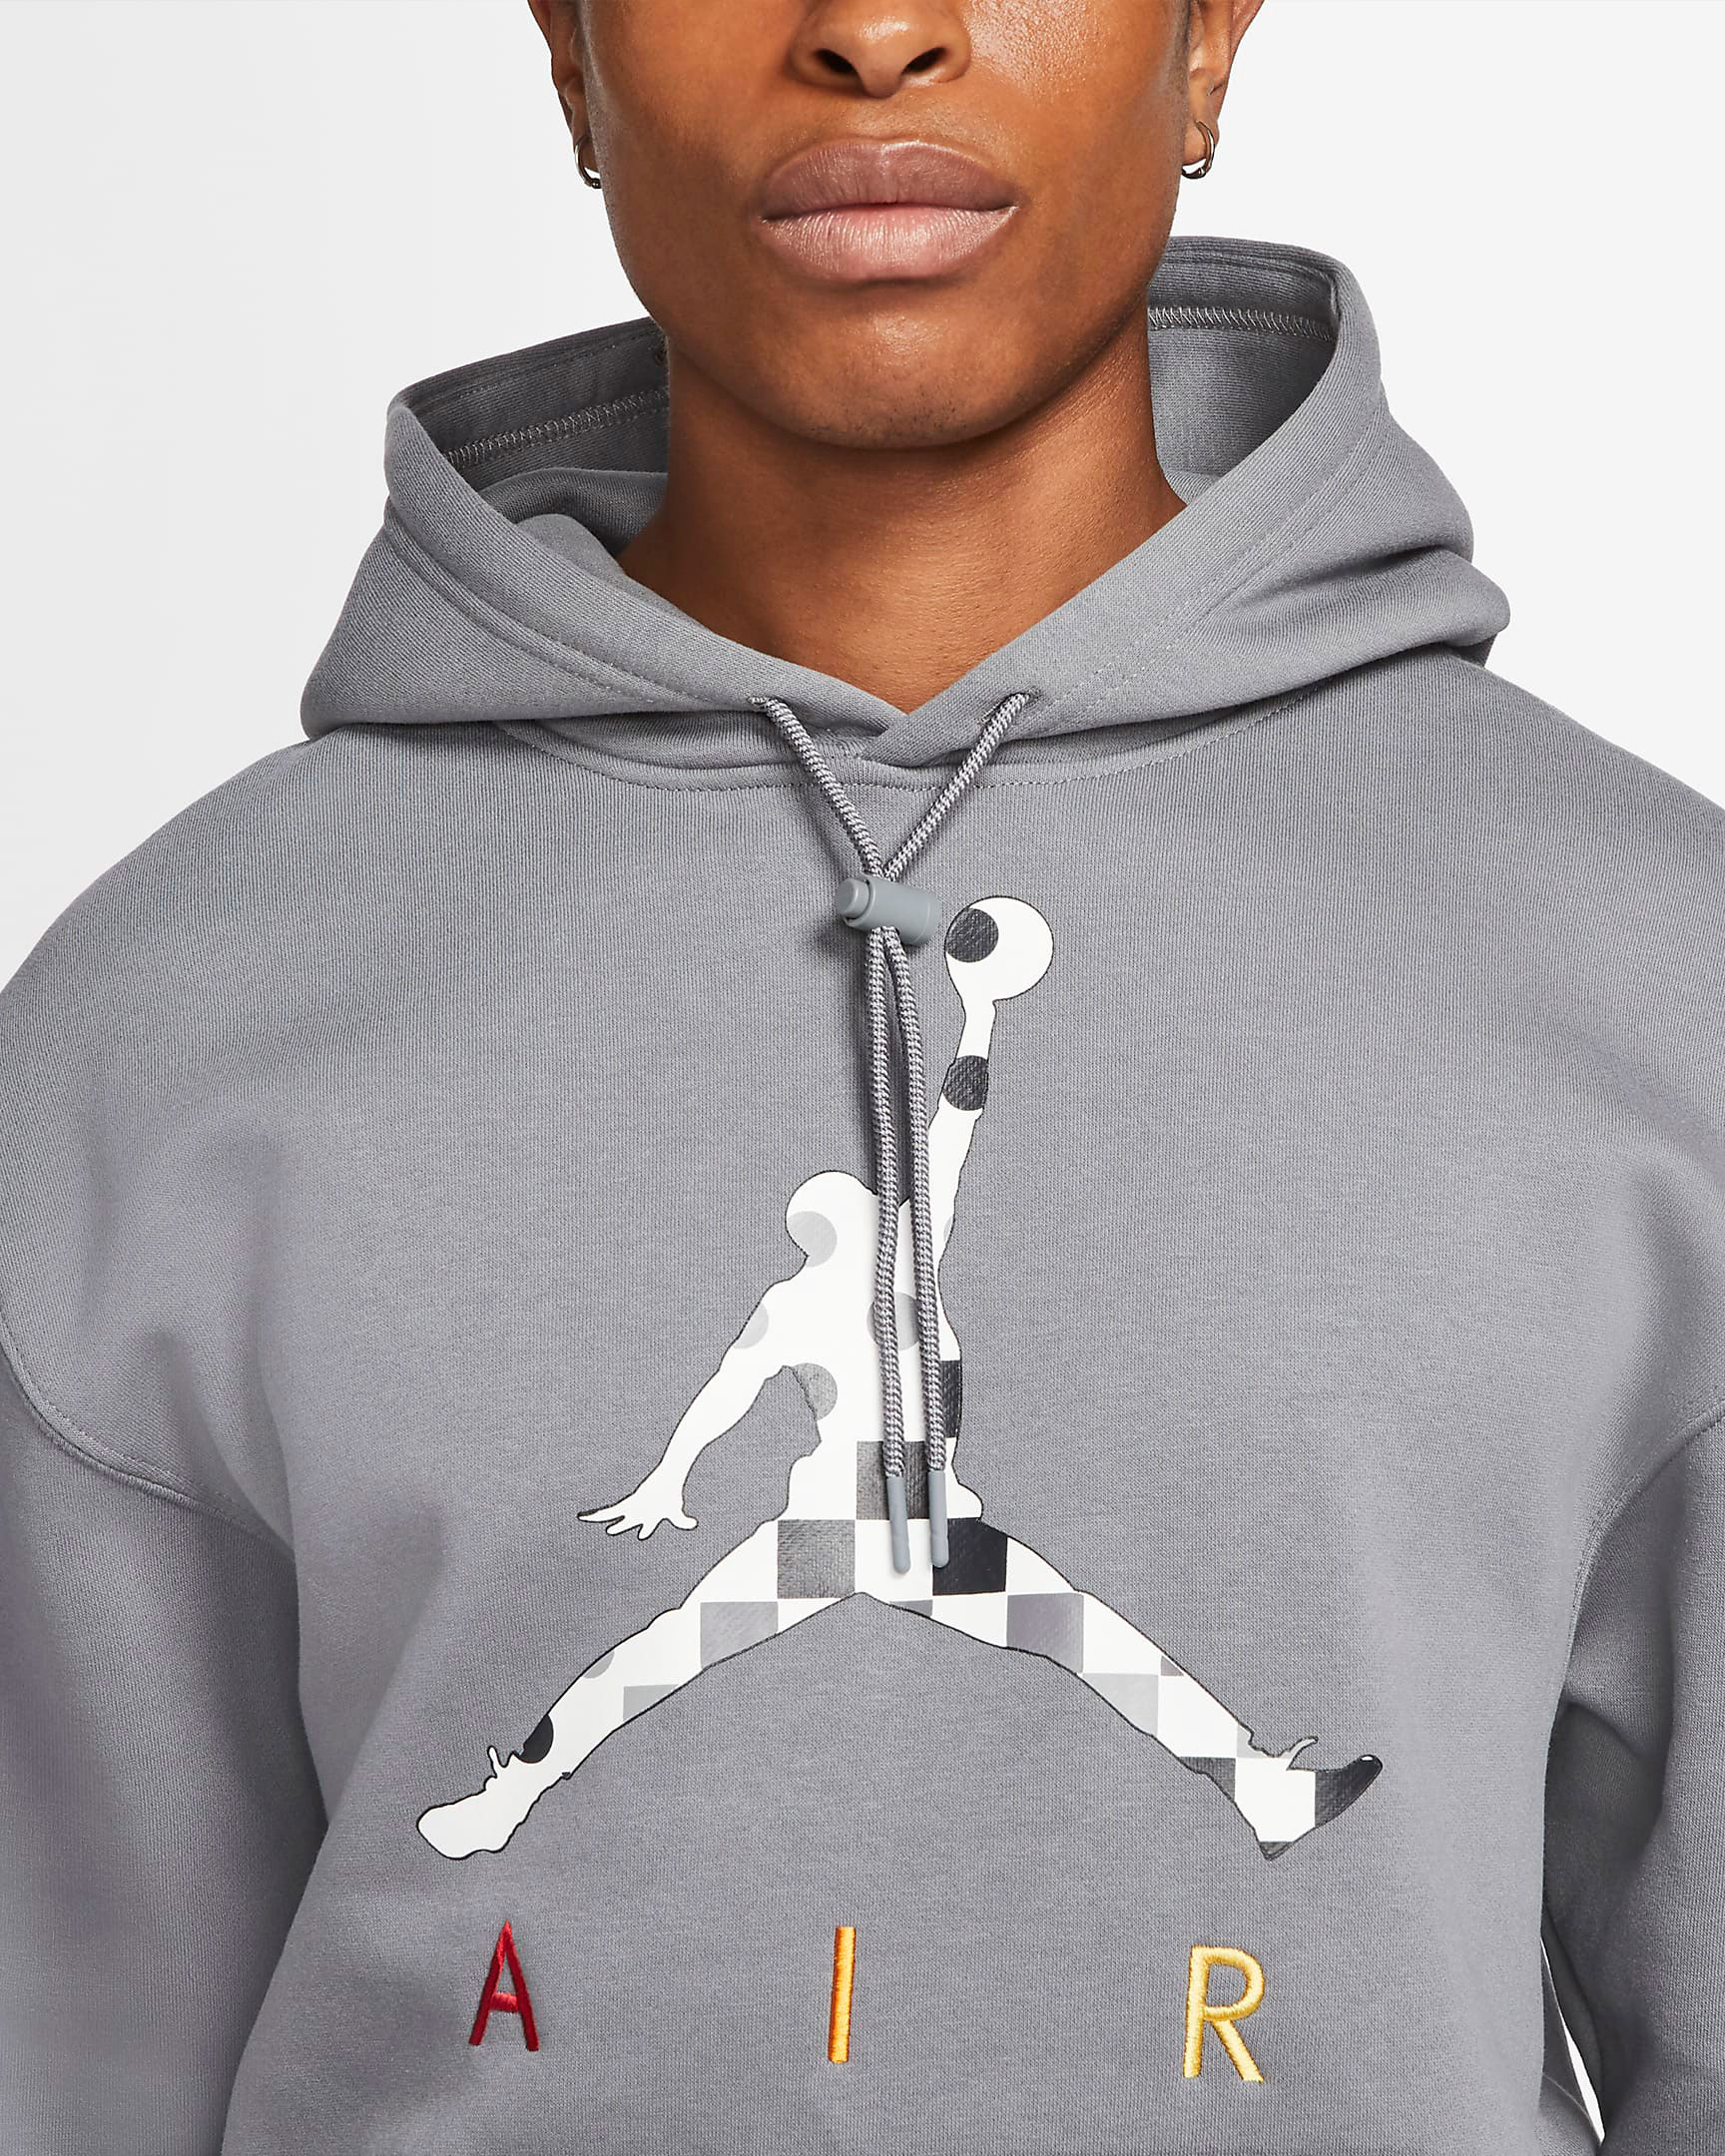 air-jordan-3-cool-grey-2021-hoodie-2